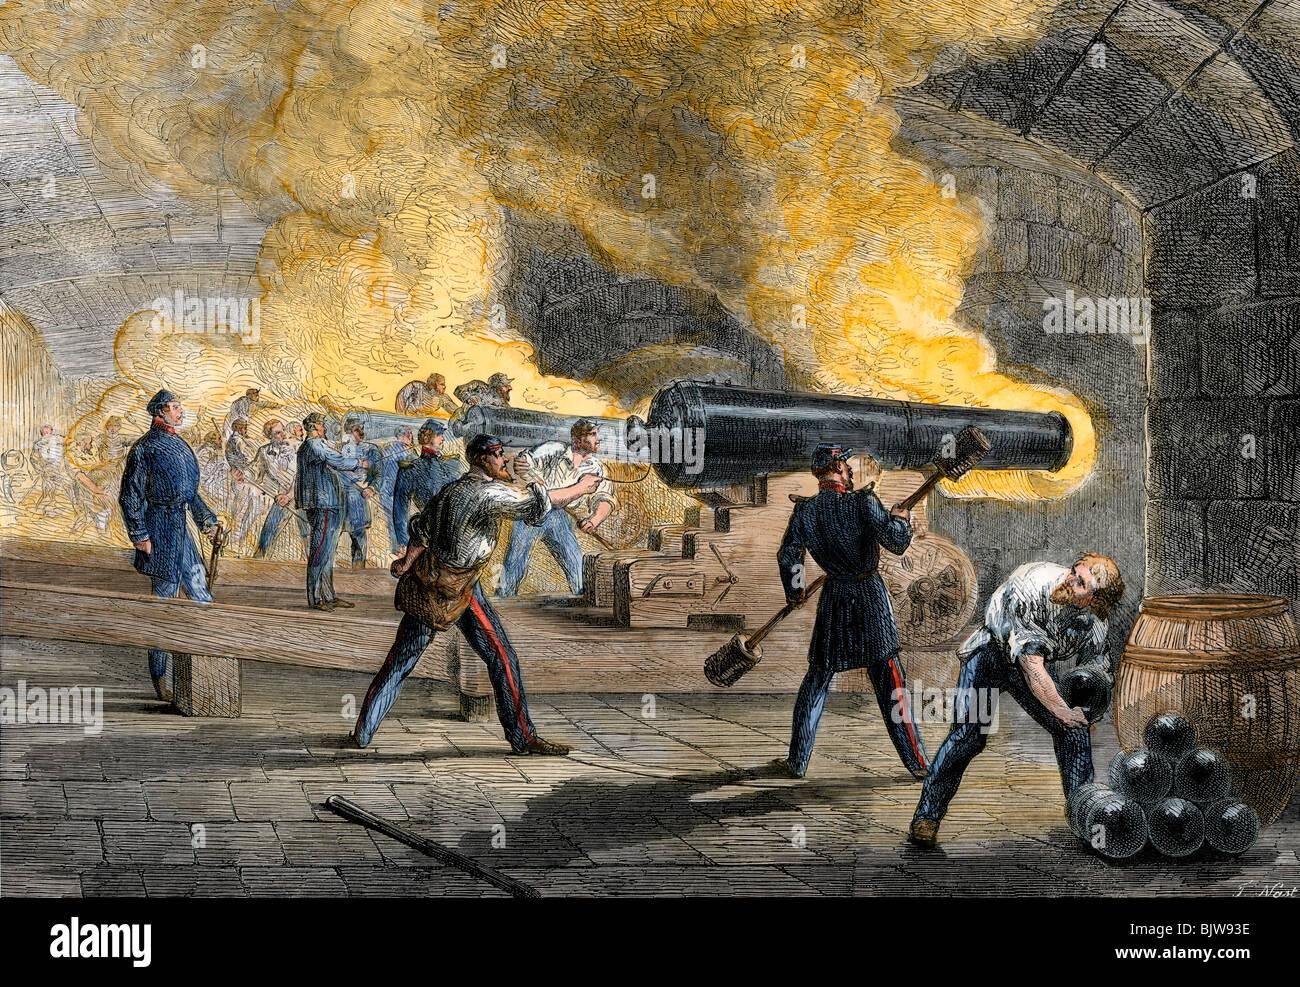 Grandes cañones de Fort Sumter devolver el fuego desde Fort Moultrie en el inicio de la Guerra Civil, en 1861. Xilografía Foto de stock